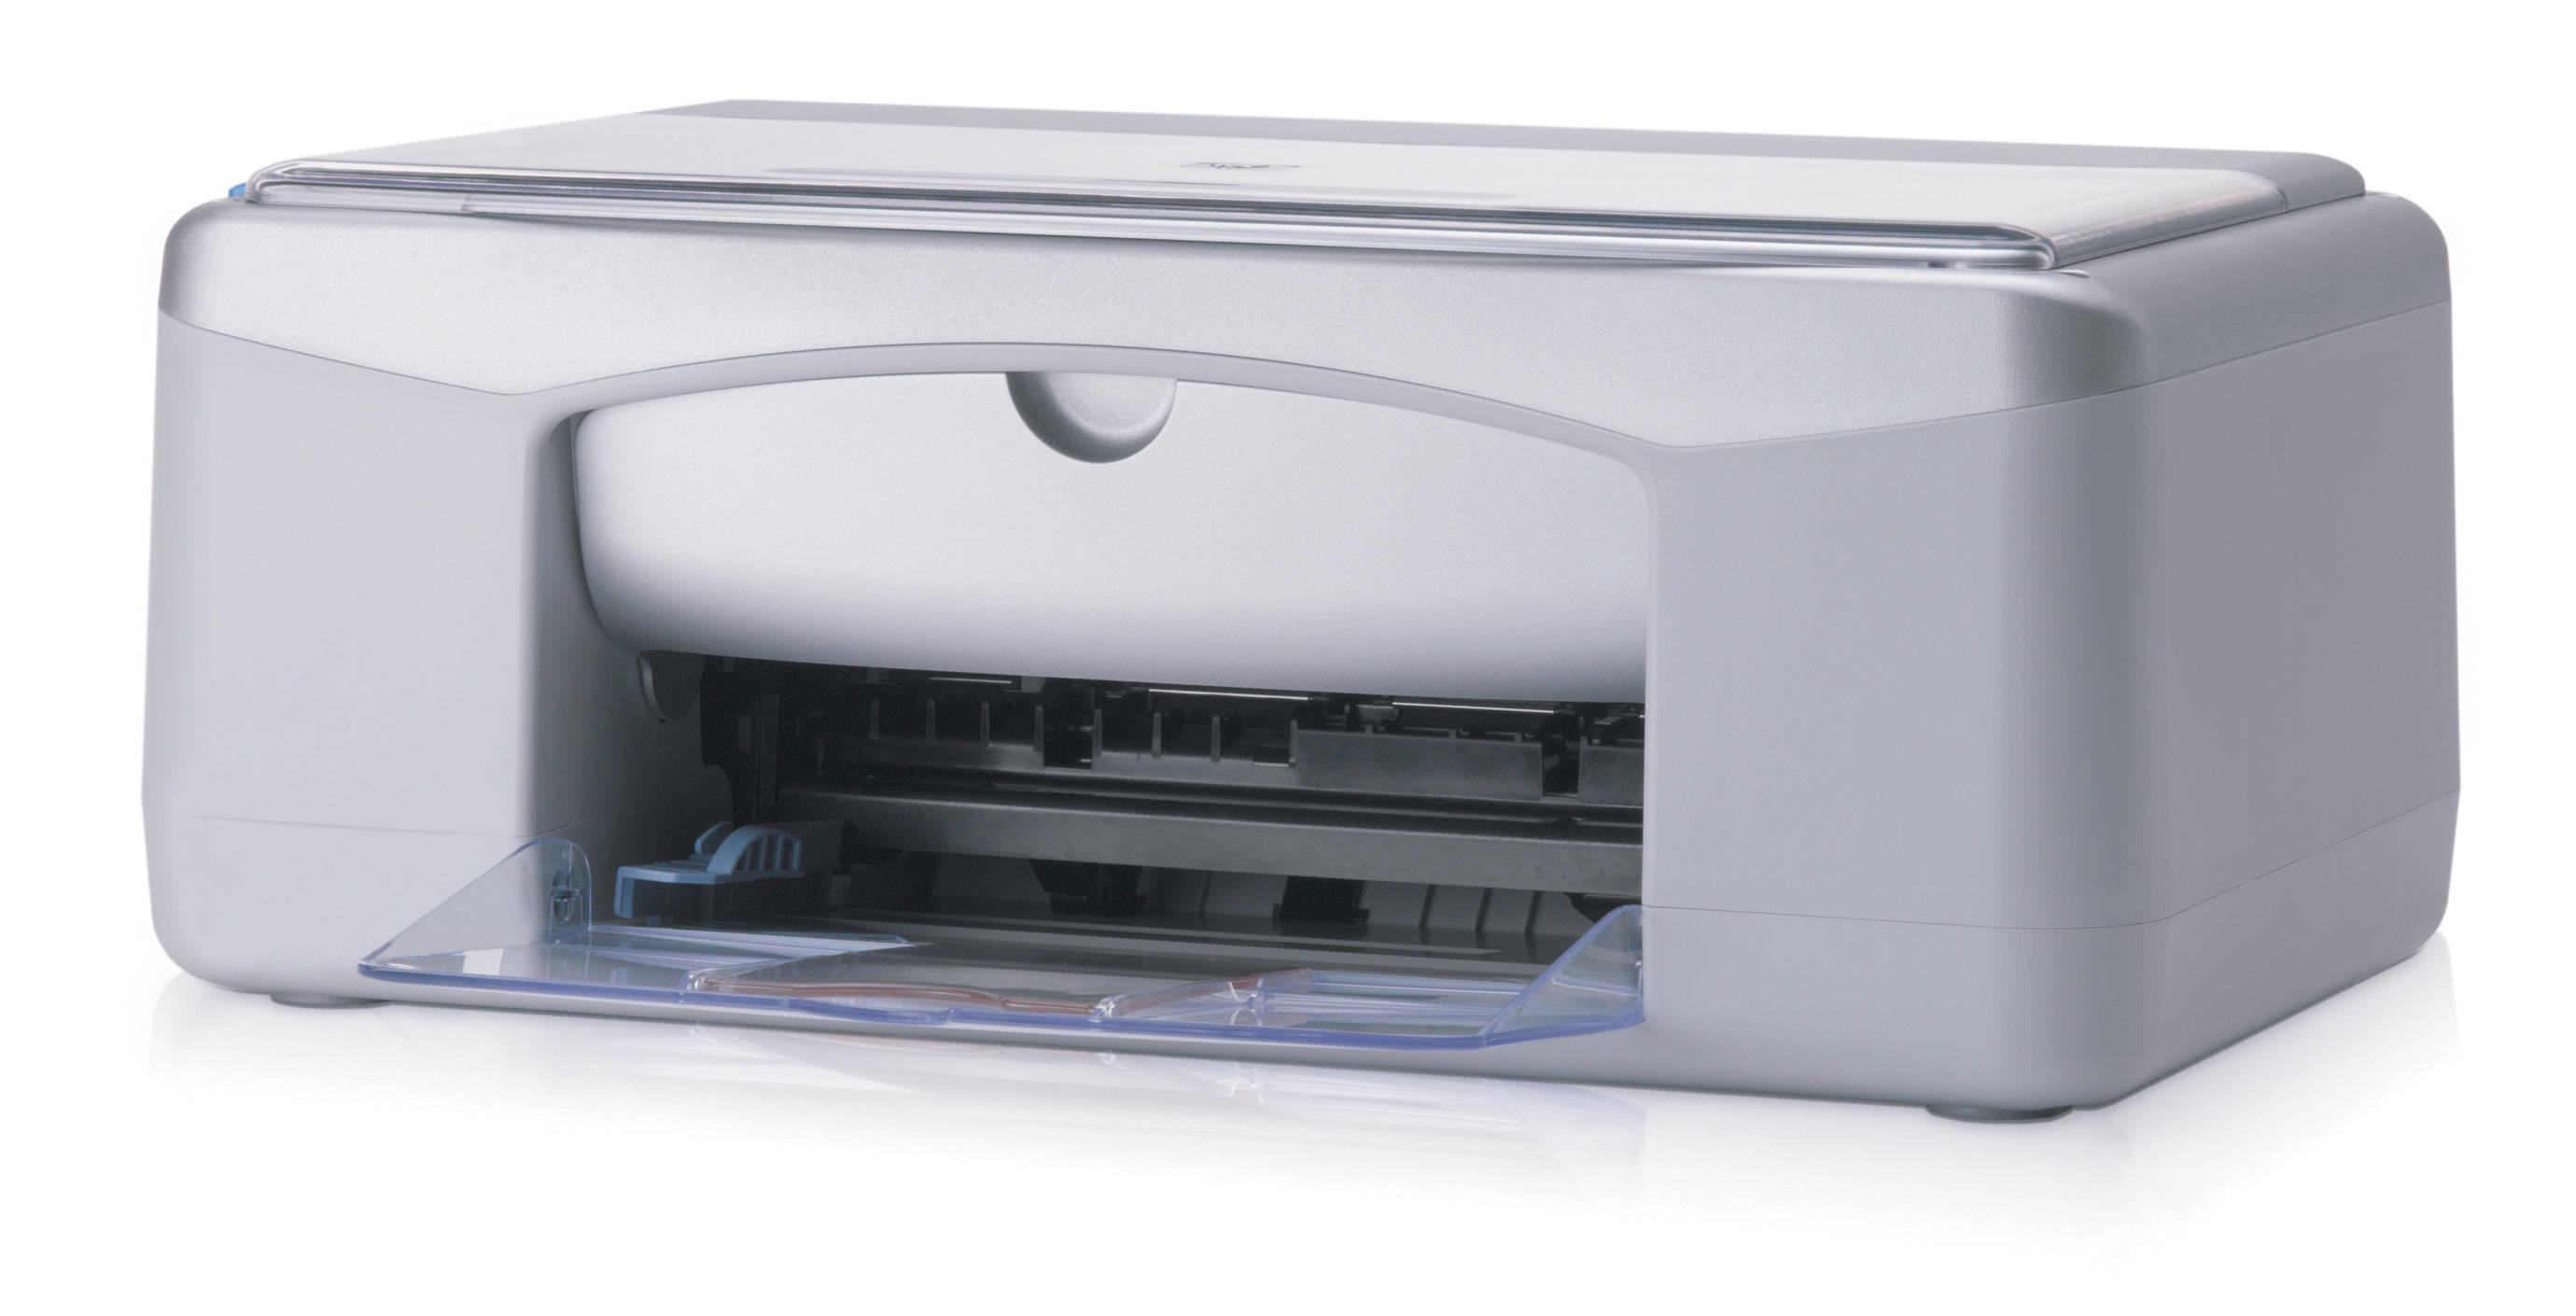 HP PSC 1215 600 x 600DPI Ad inchiostro A4 7.8ppm Argento, Bianco multifunzione